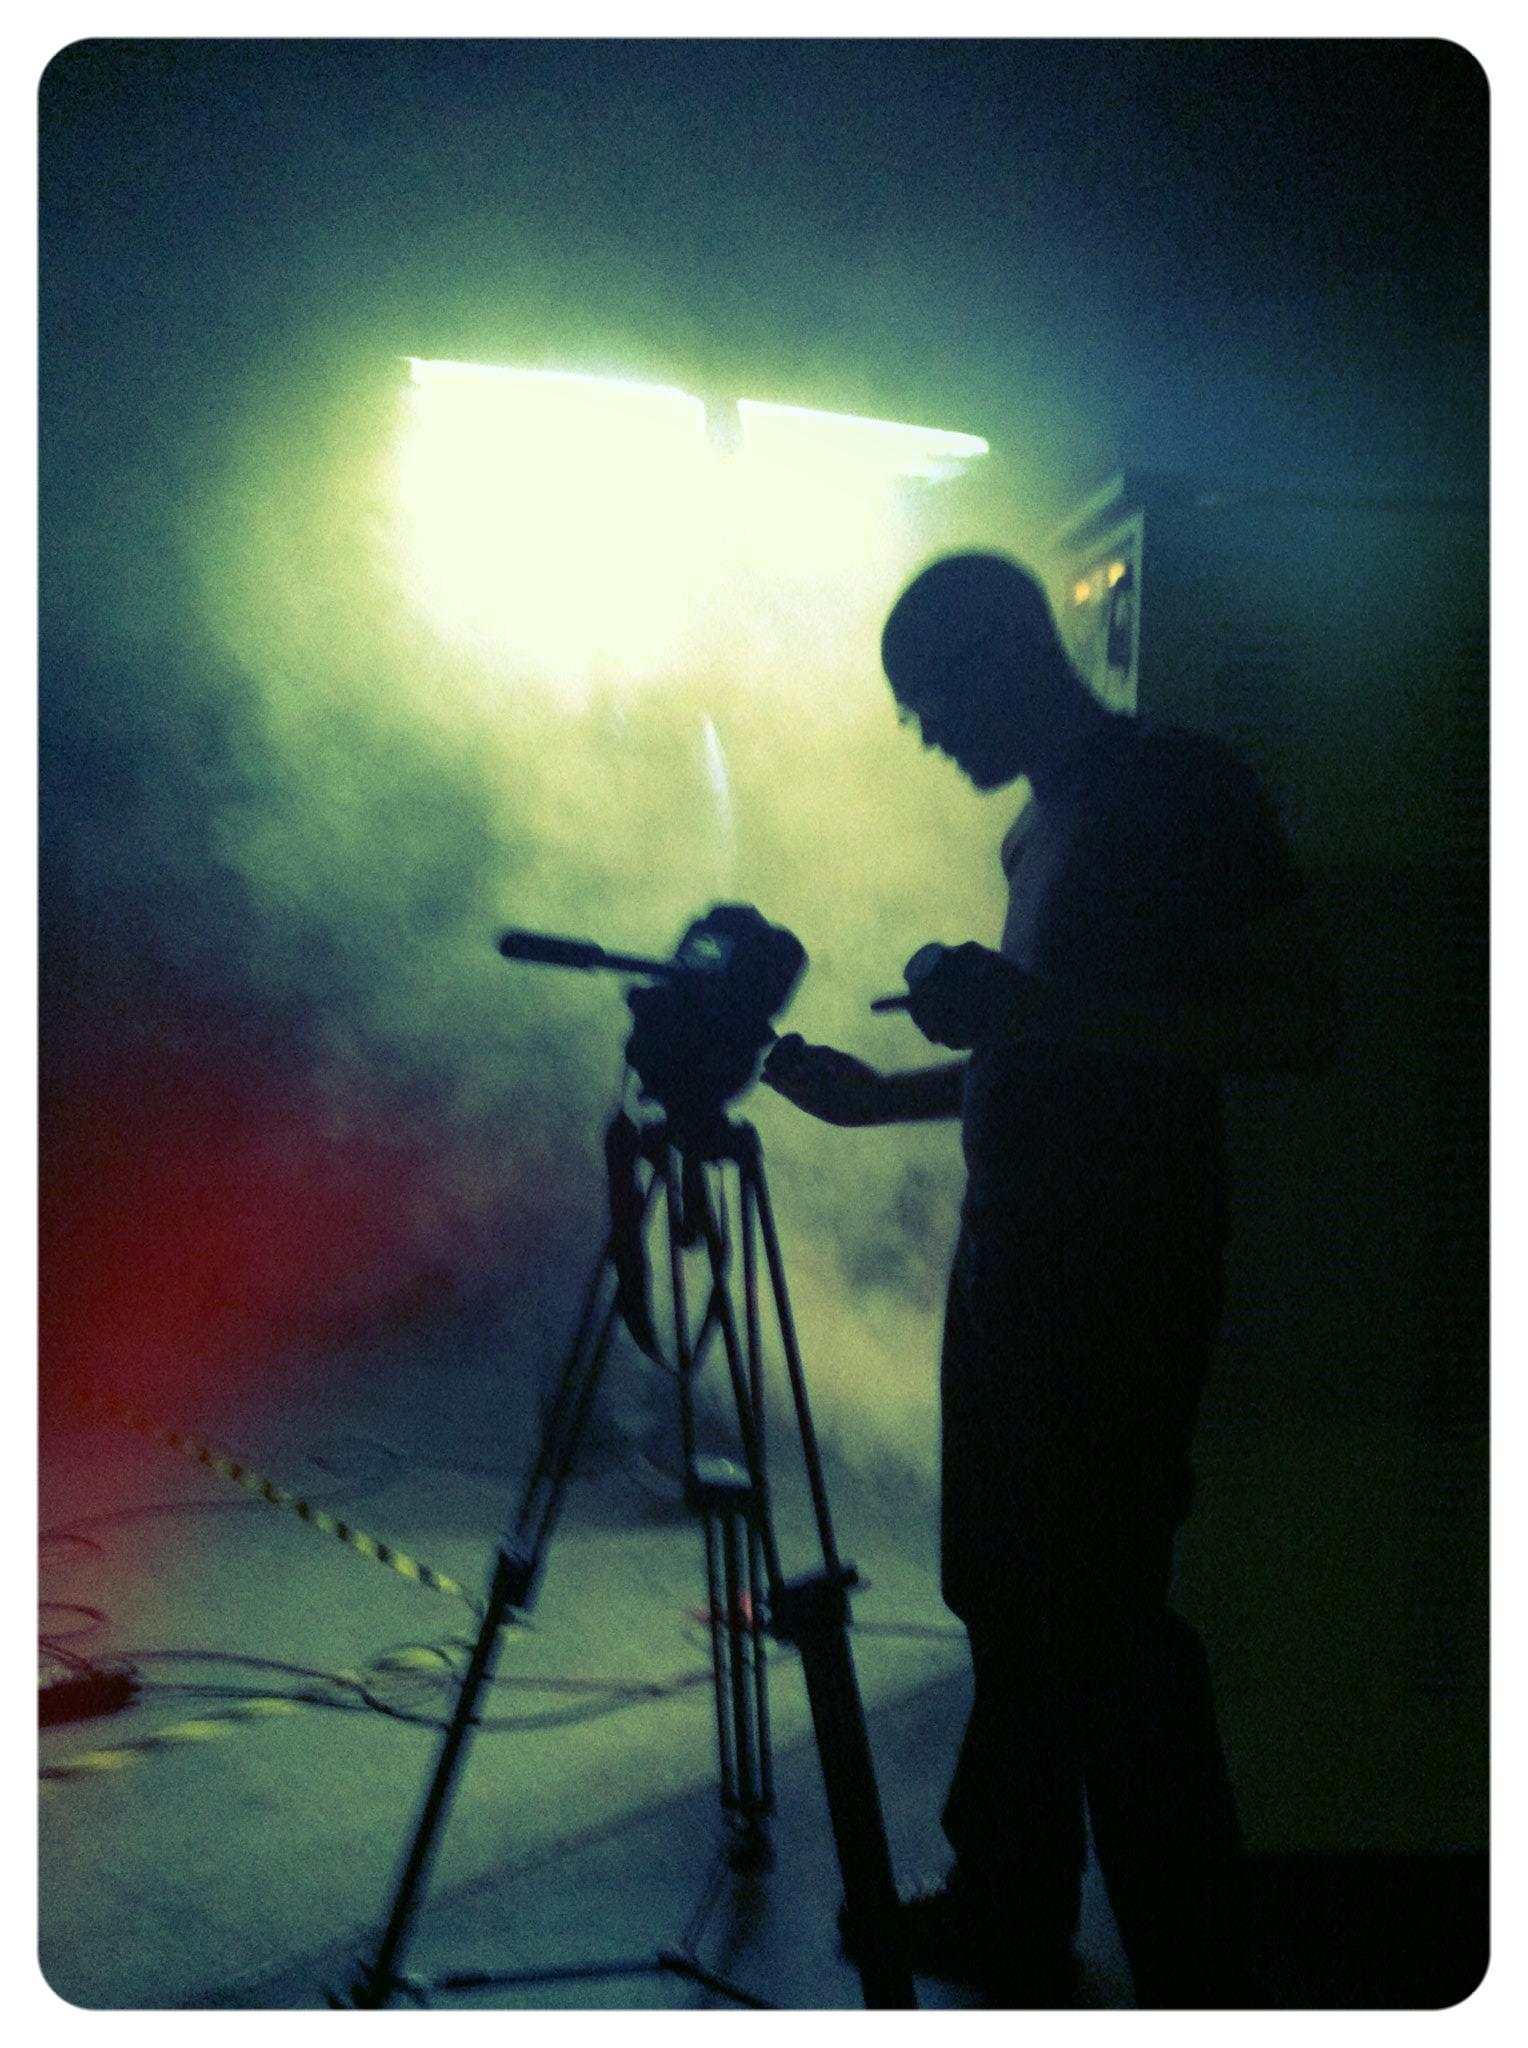 Filming Sci-Fi Inserts